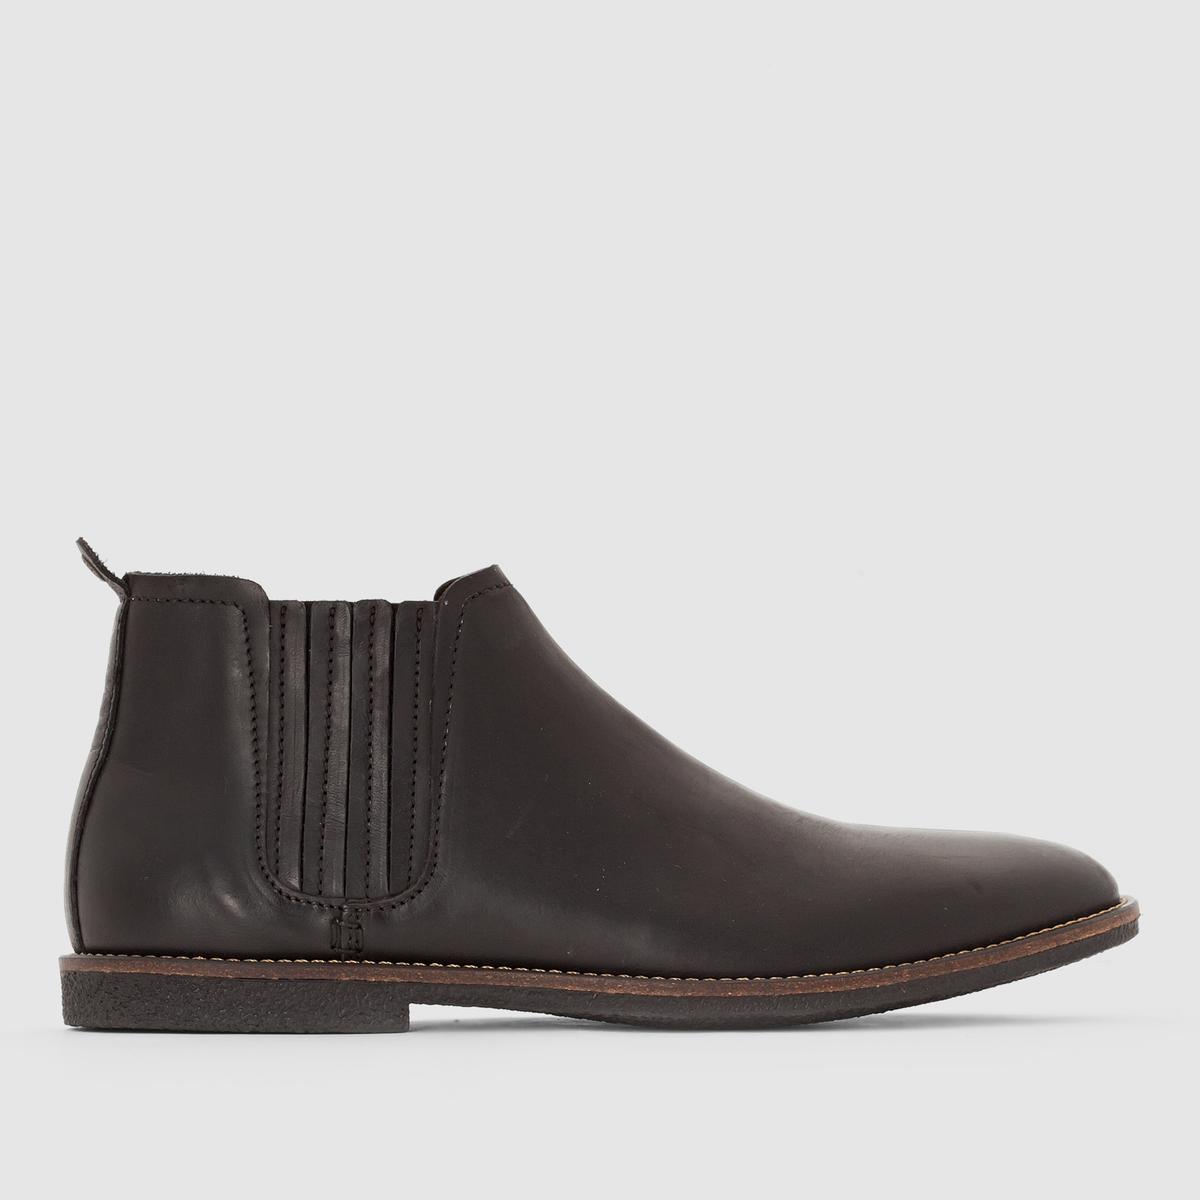 Ботинки Челси BacalusПодкладка : Неотделанная кожа.         Стелька: Неотделанная кожаПодошва: Кожа         Высота каблука: 10 см.         Форма каблука : Плоский каблук         Мысок : ЗакругленныйЗастежка : без застежки<br><br>Цвет: черный<br>Размер: 42.44